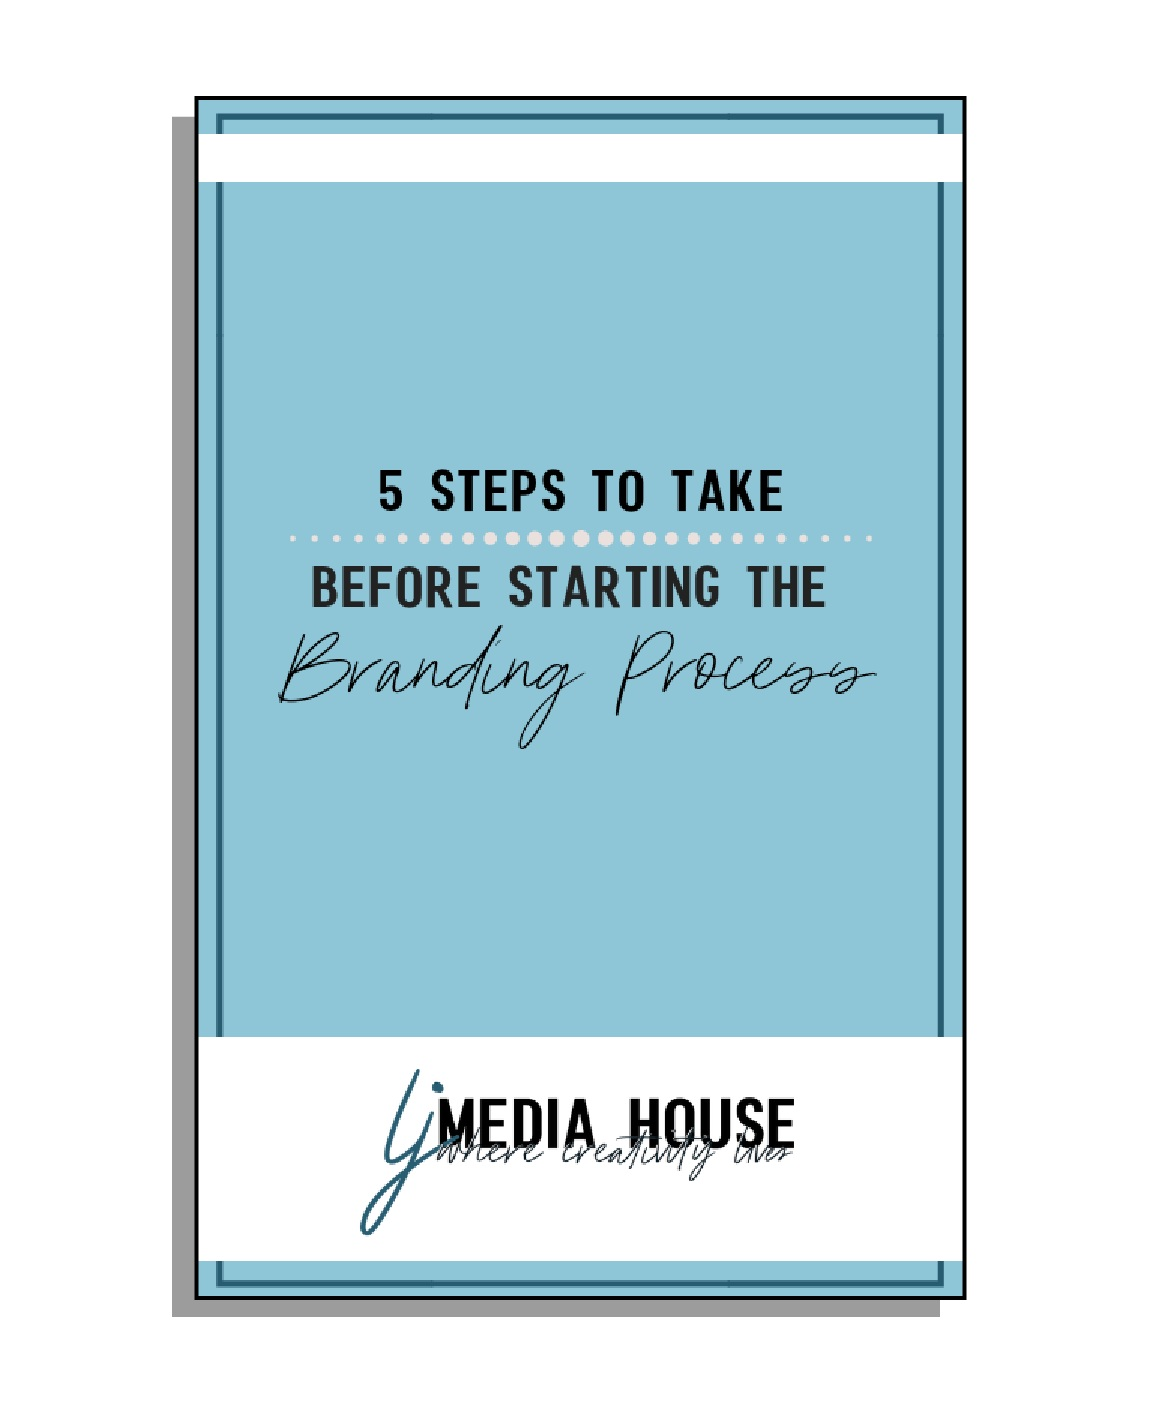 branding+freebie%404x.jpg